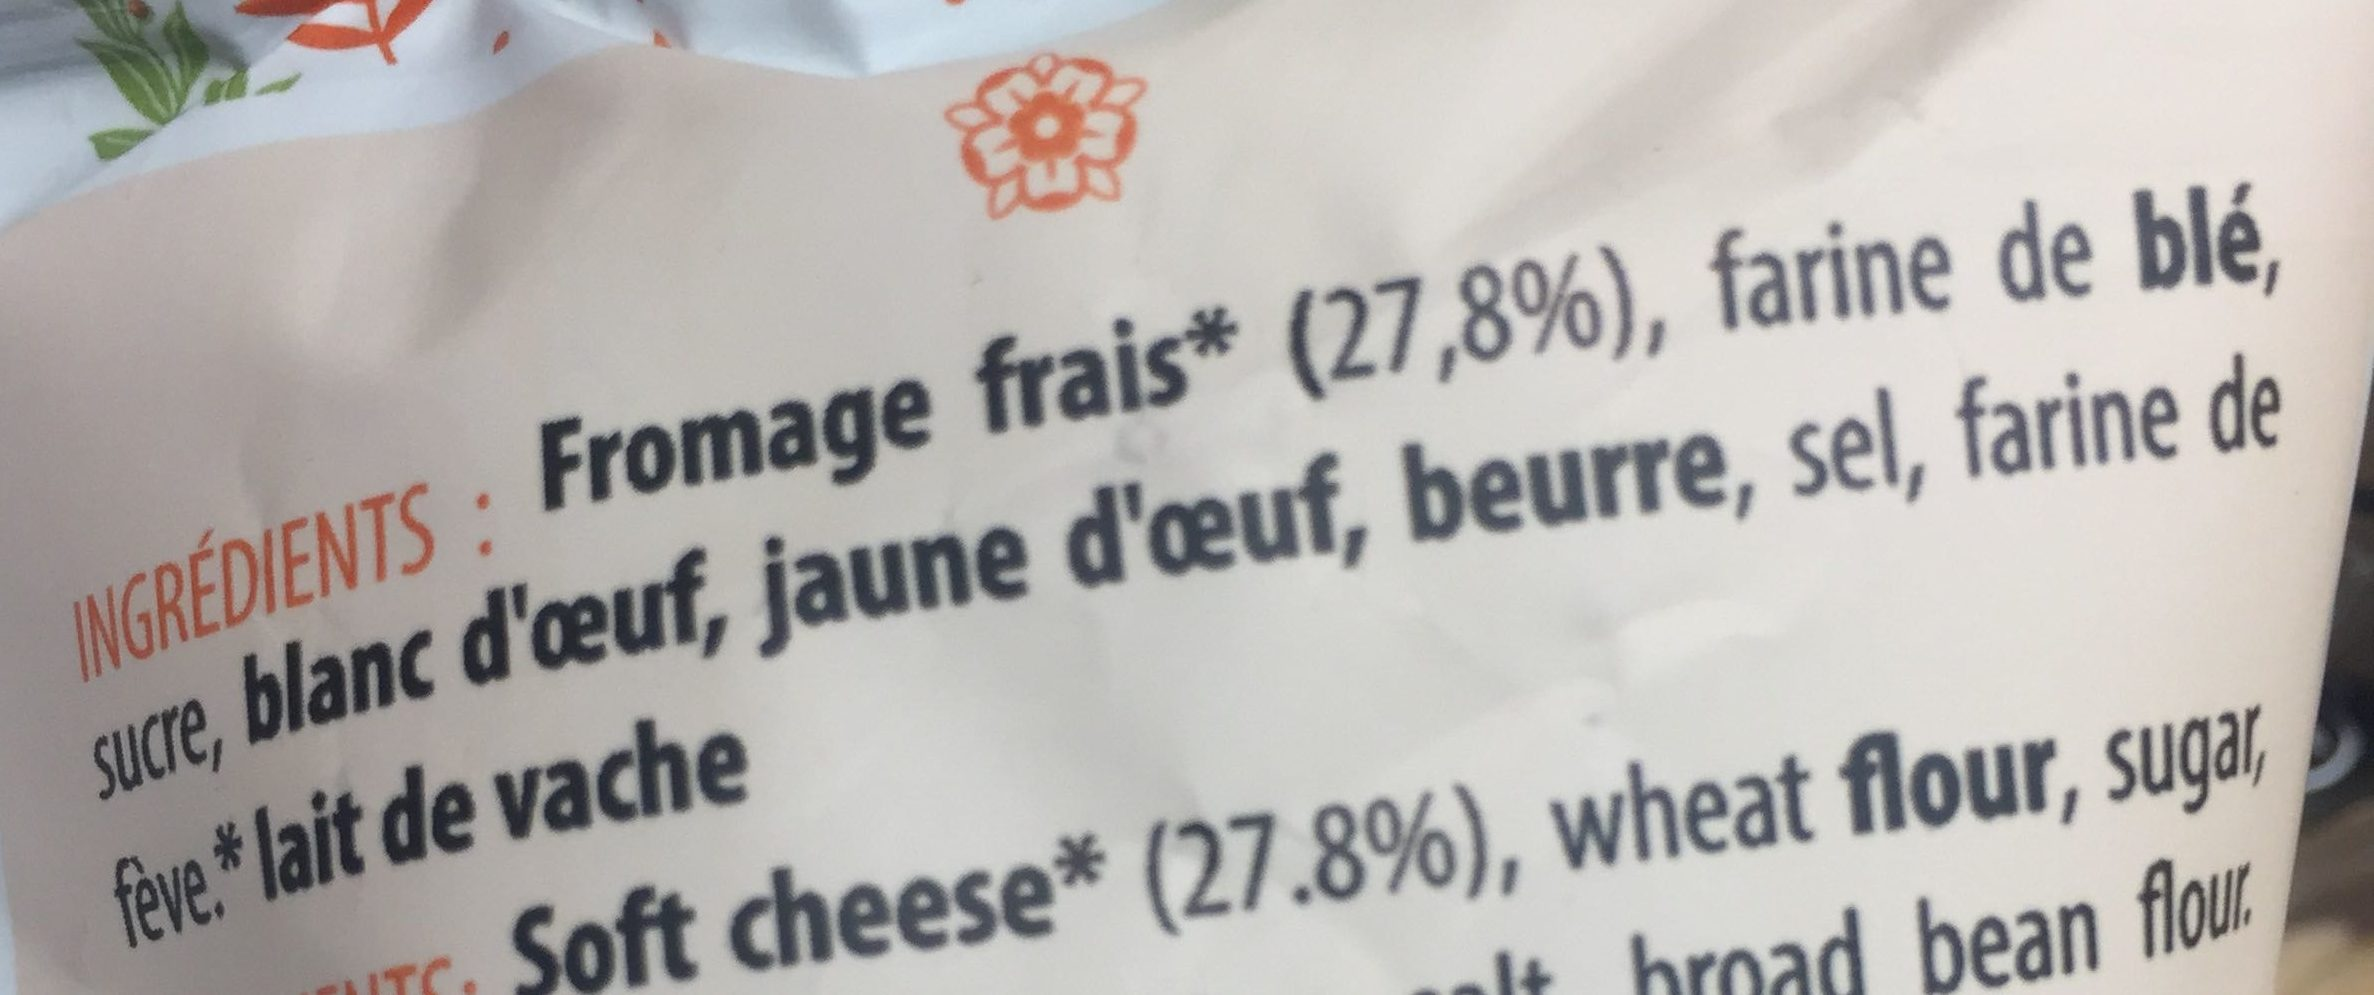 Le tourteau - Ingredients - fr